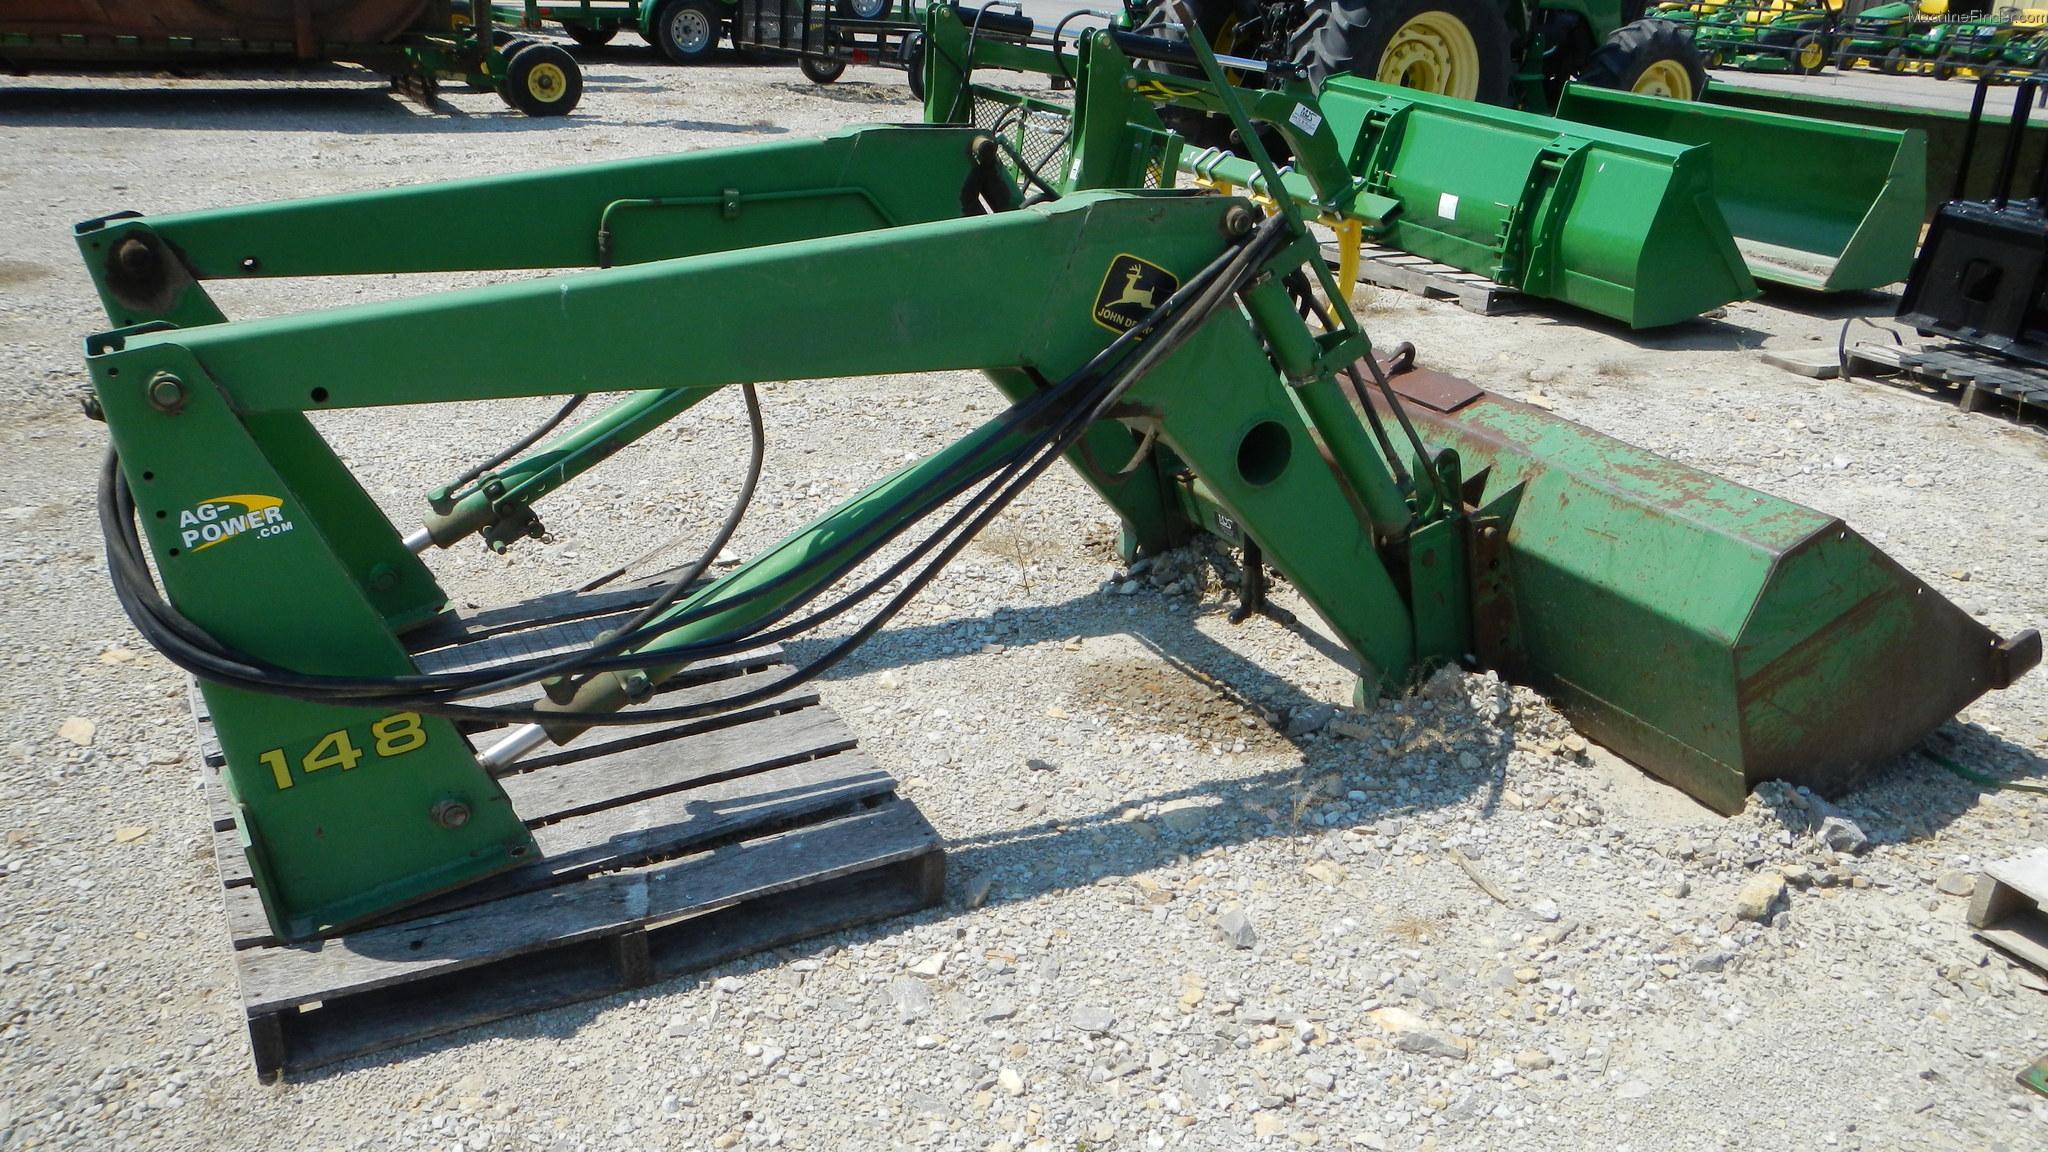 John Deere 148 Tractor Loaders - John Deere MachineFinder